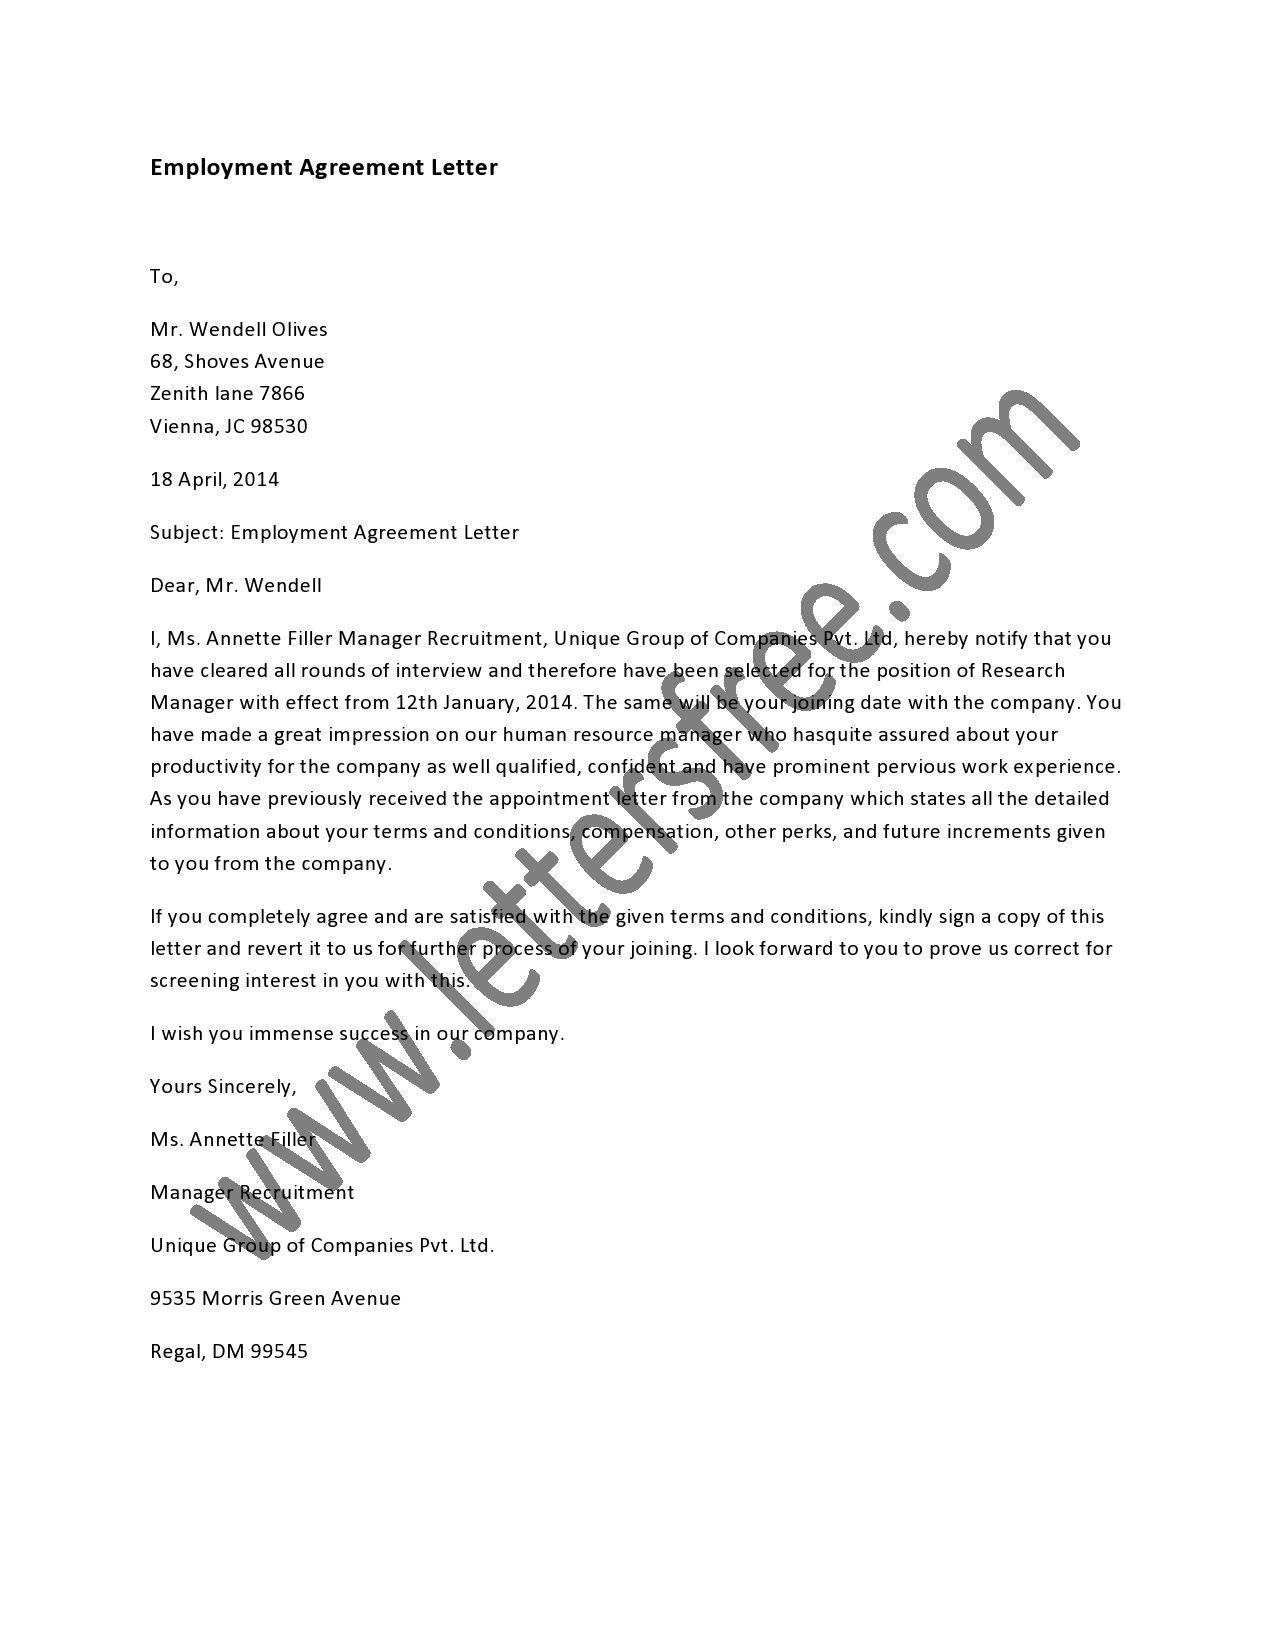 An Employment Agreement Letter Is Generally A Written